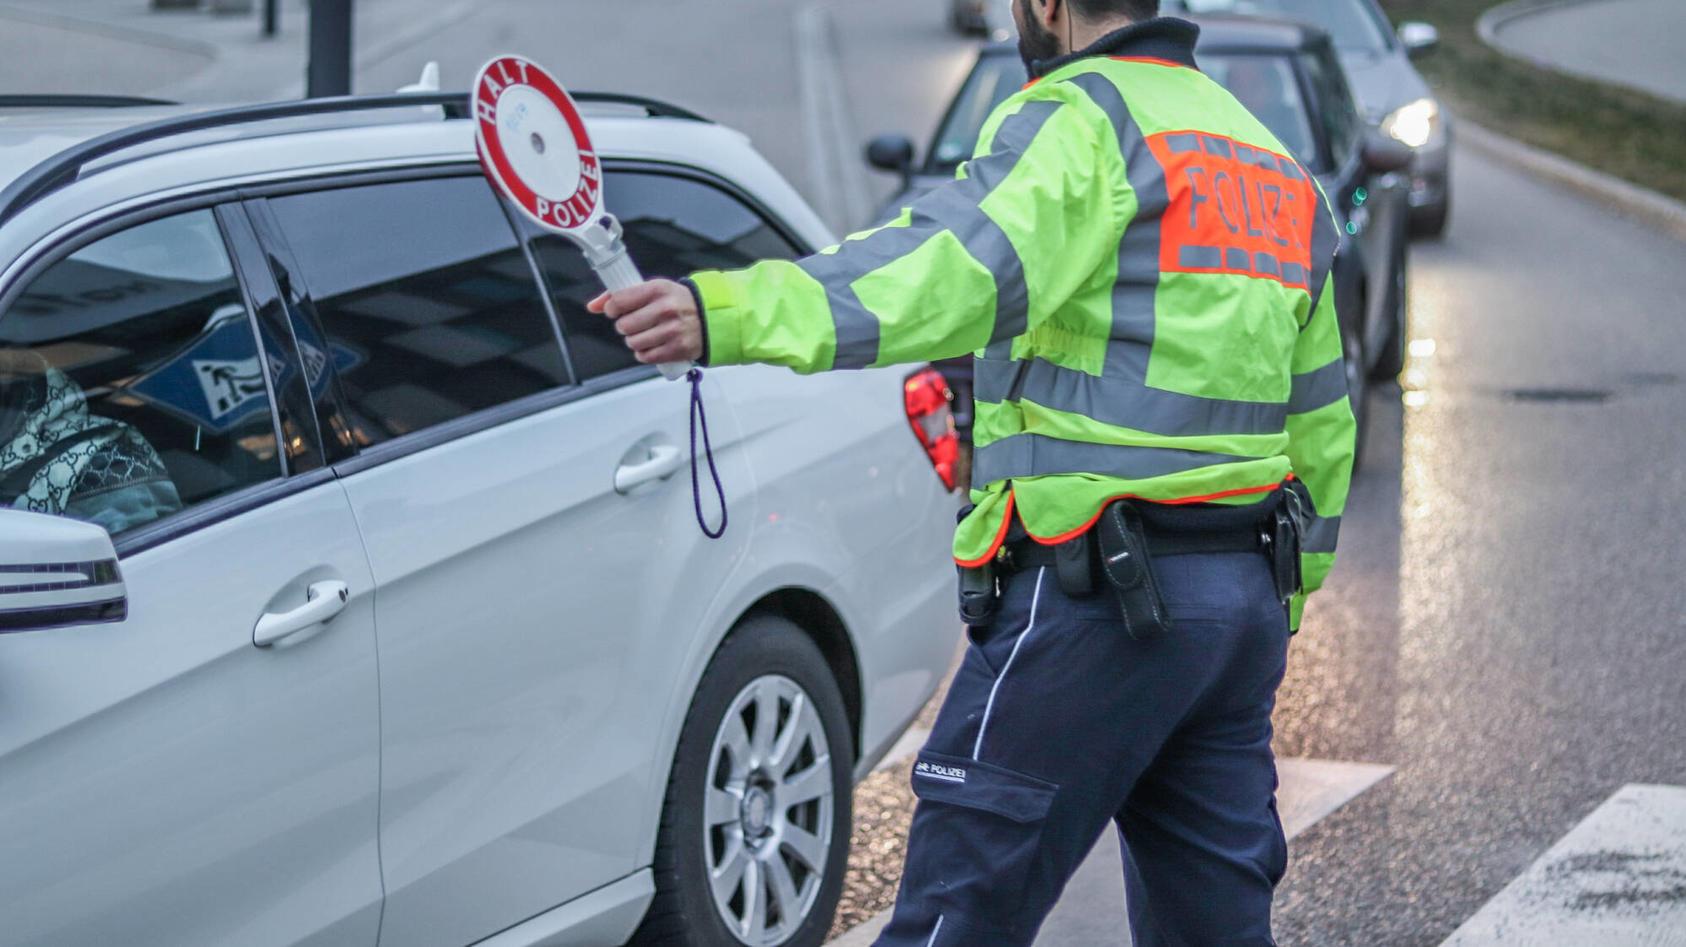 Mit einer Lügengeschichte hat ein 26-Jähriger in der niedersächsischen Stadt Celle versucht, einer Strafe wegen Fahrens ohne Führerschein zu entgehen. (Symbolbild)